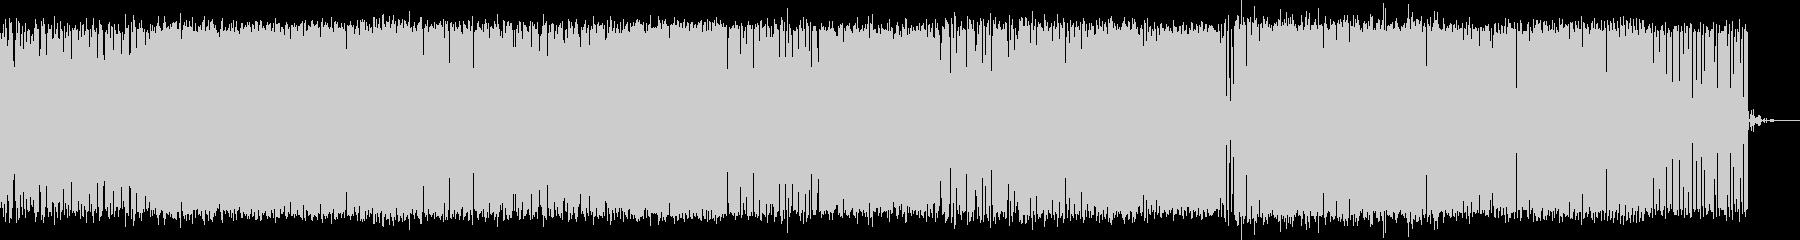 映像向けテクノサウンド(アレンジ版)の未再生の波形